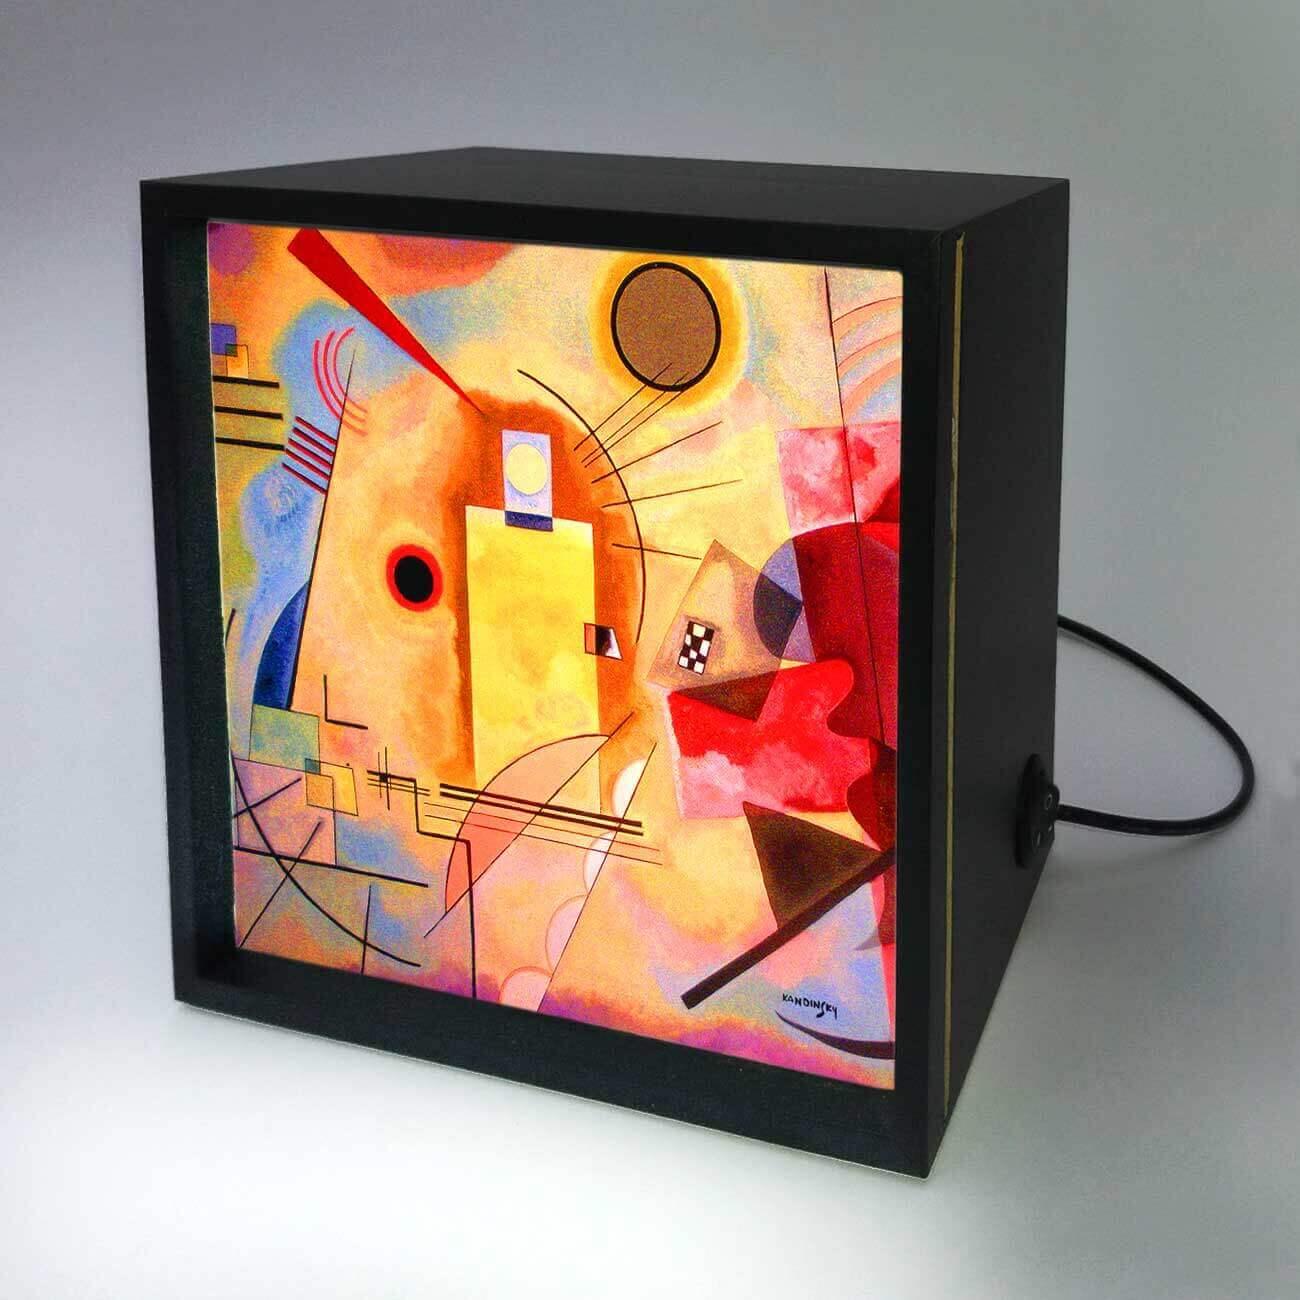 Backlight - Kandinsky 2